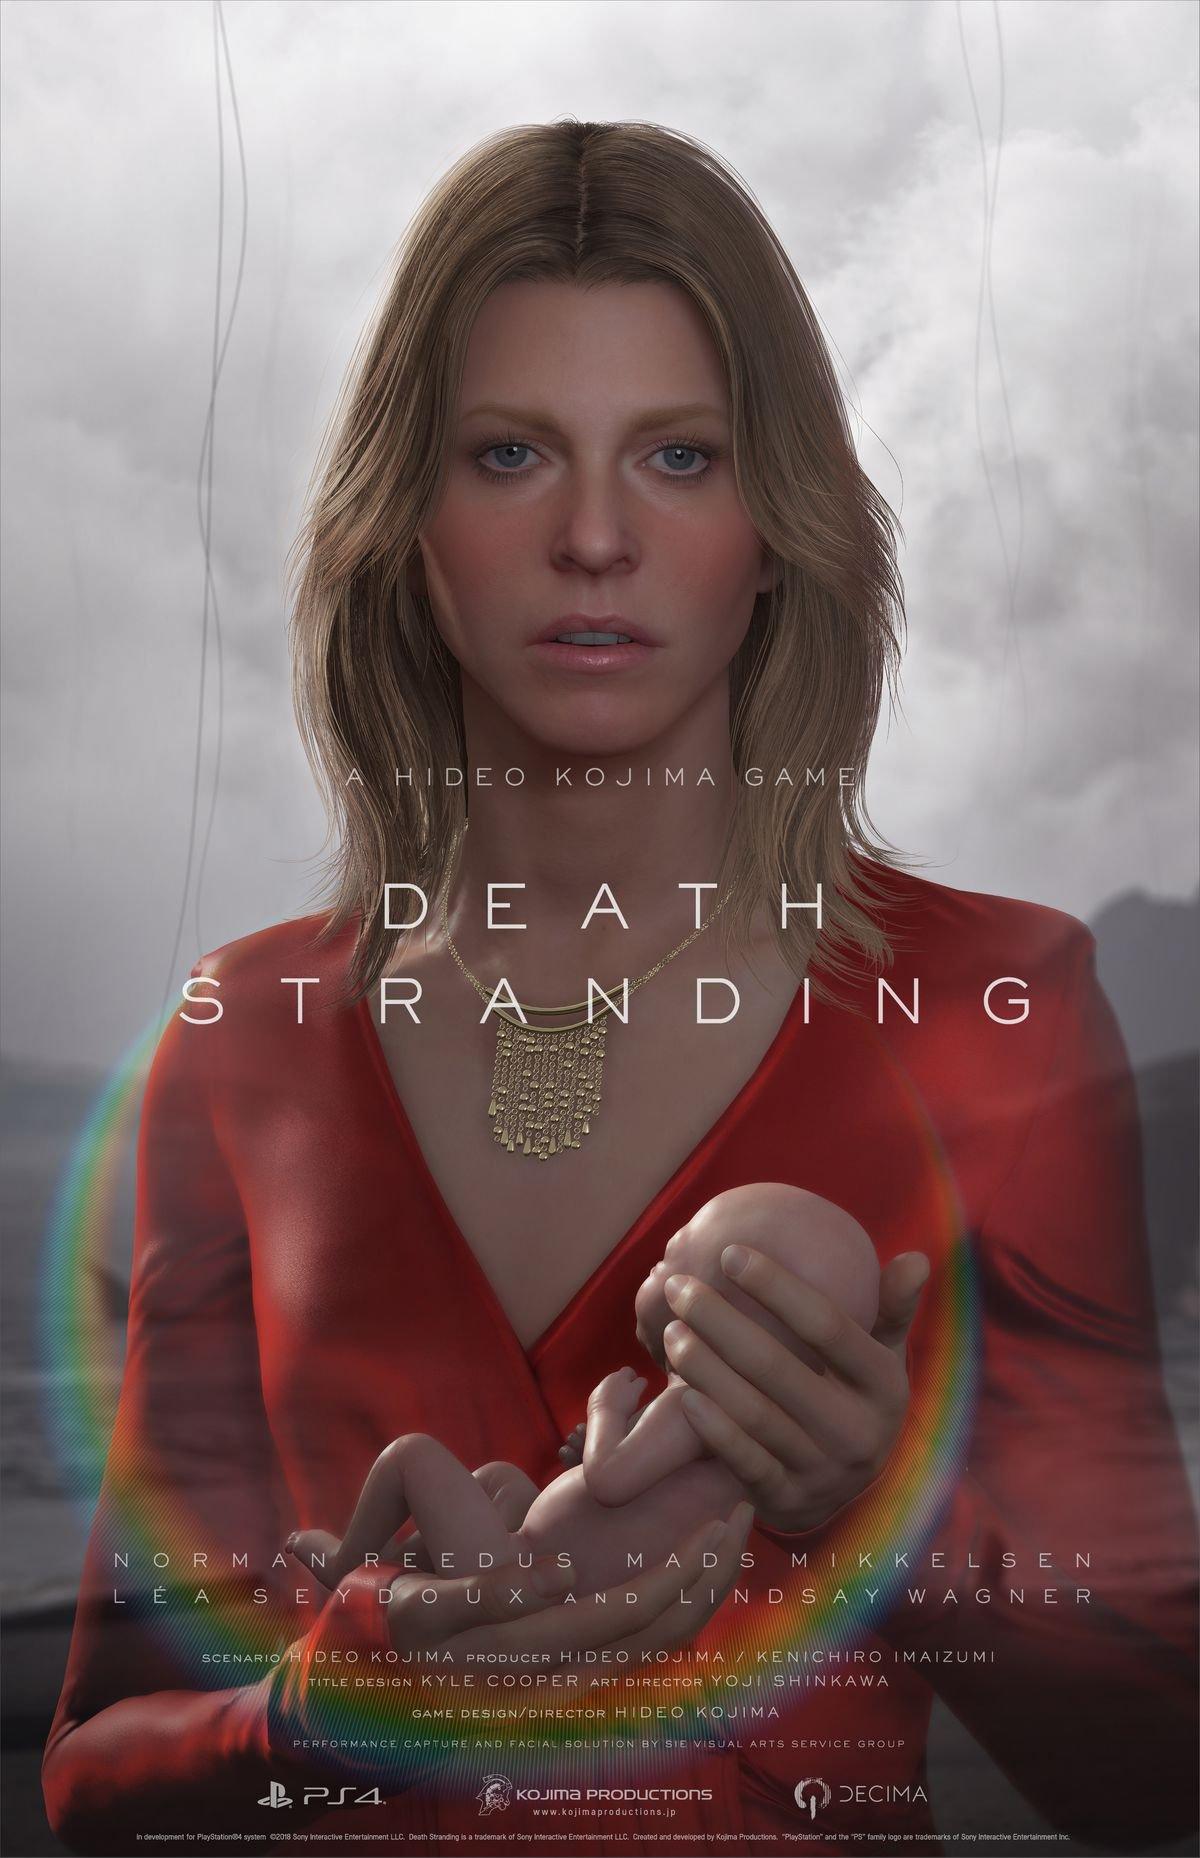 《死亡搁浅》剧情将横跨美国 任务或为重连通讯网络